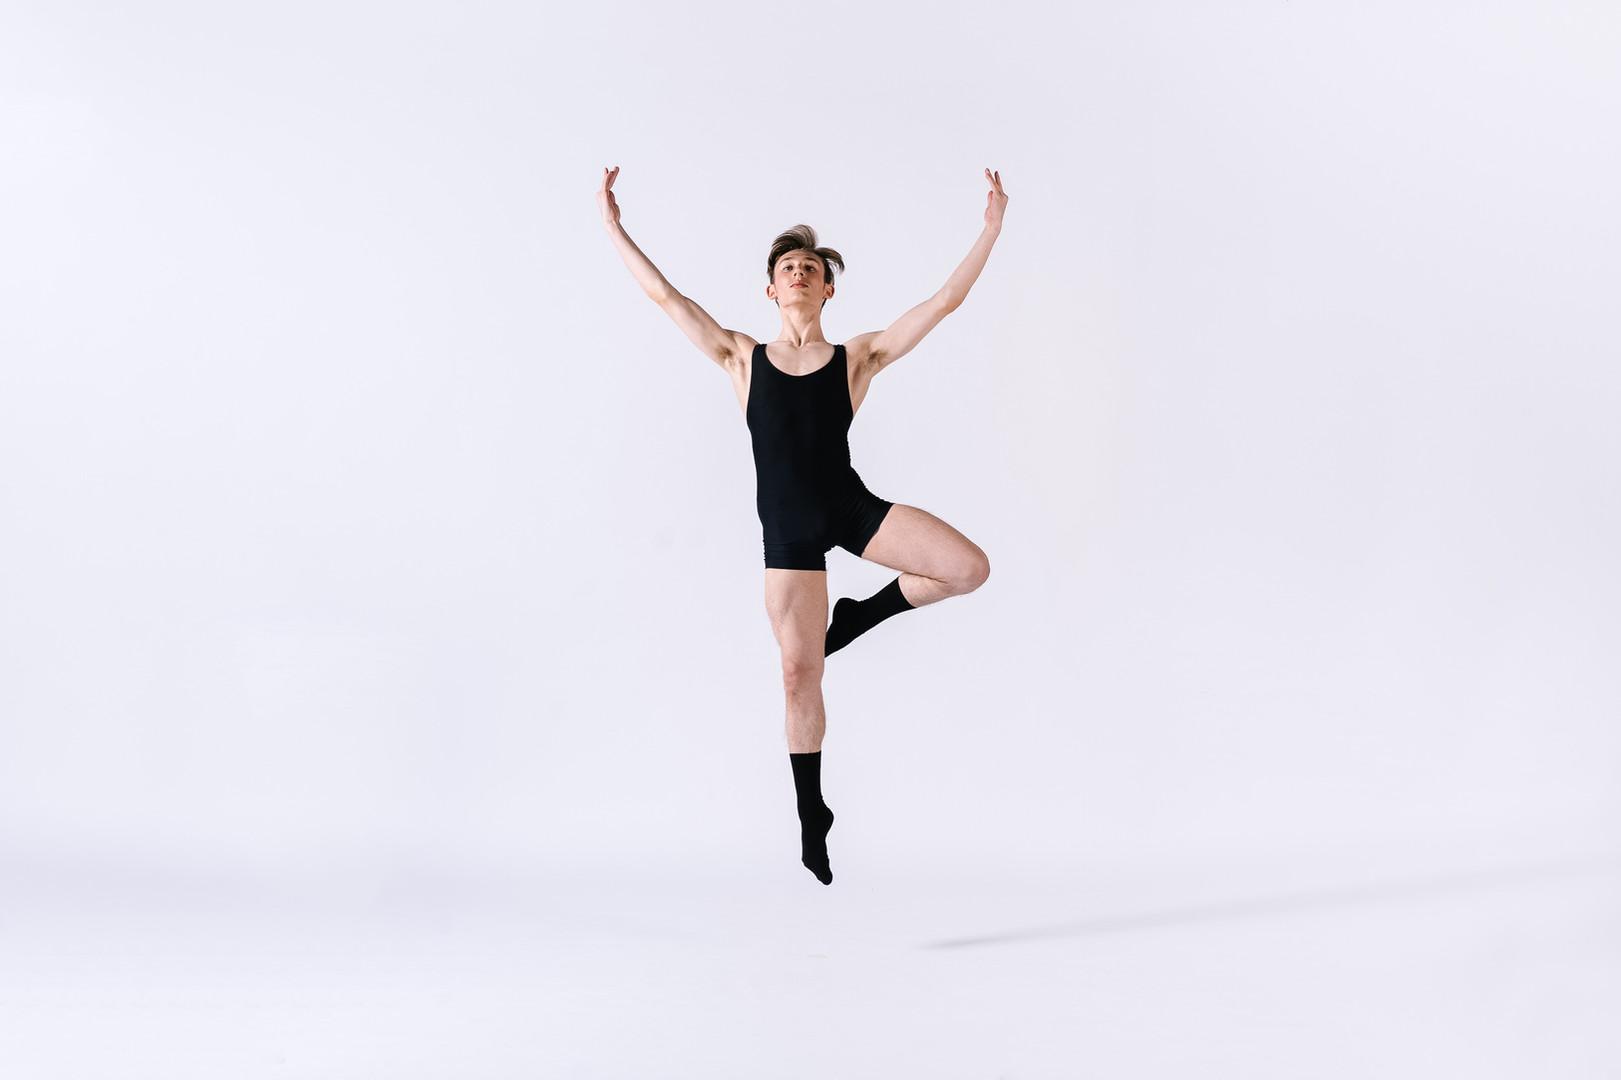 manchester-dance-photographer-23.jpg